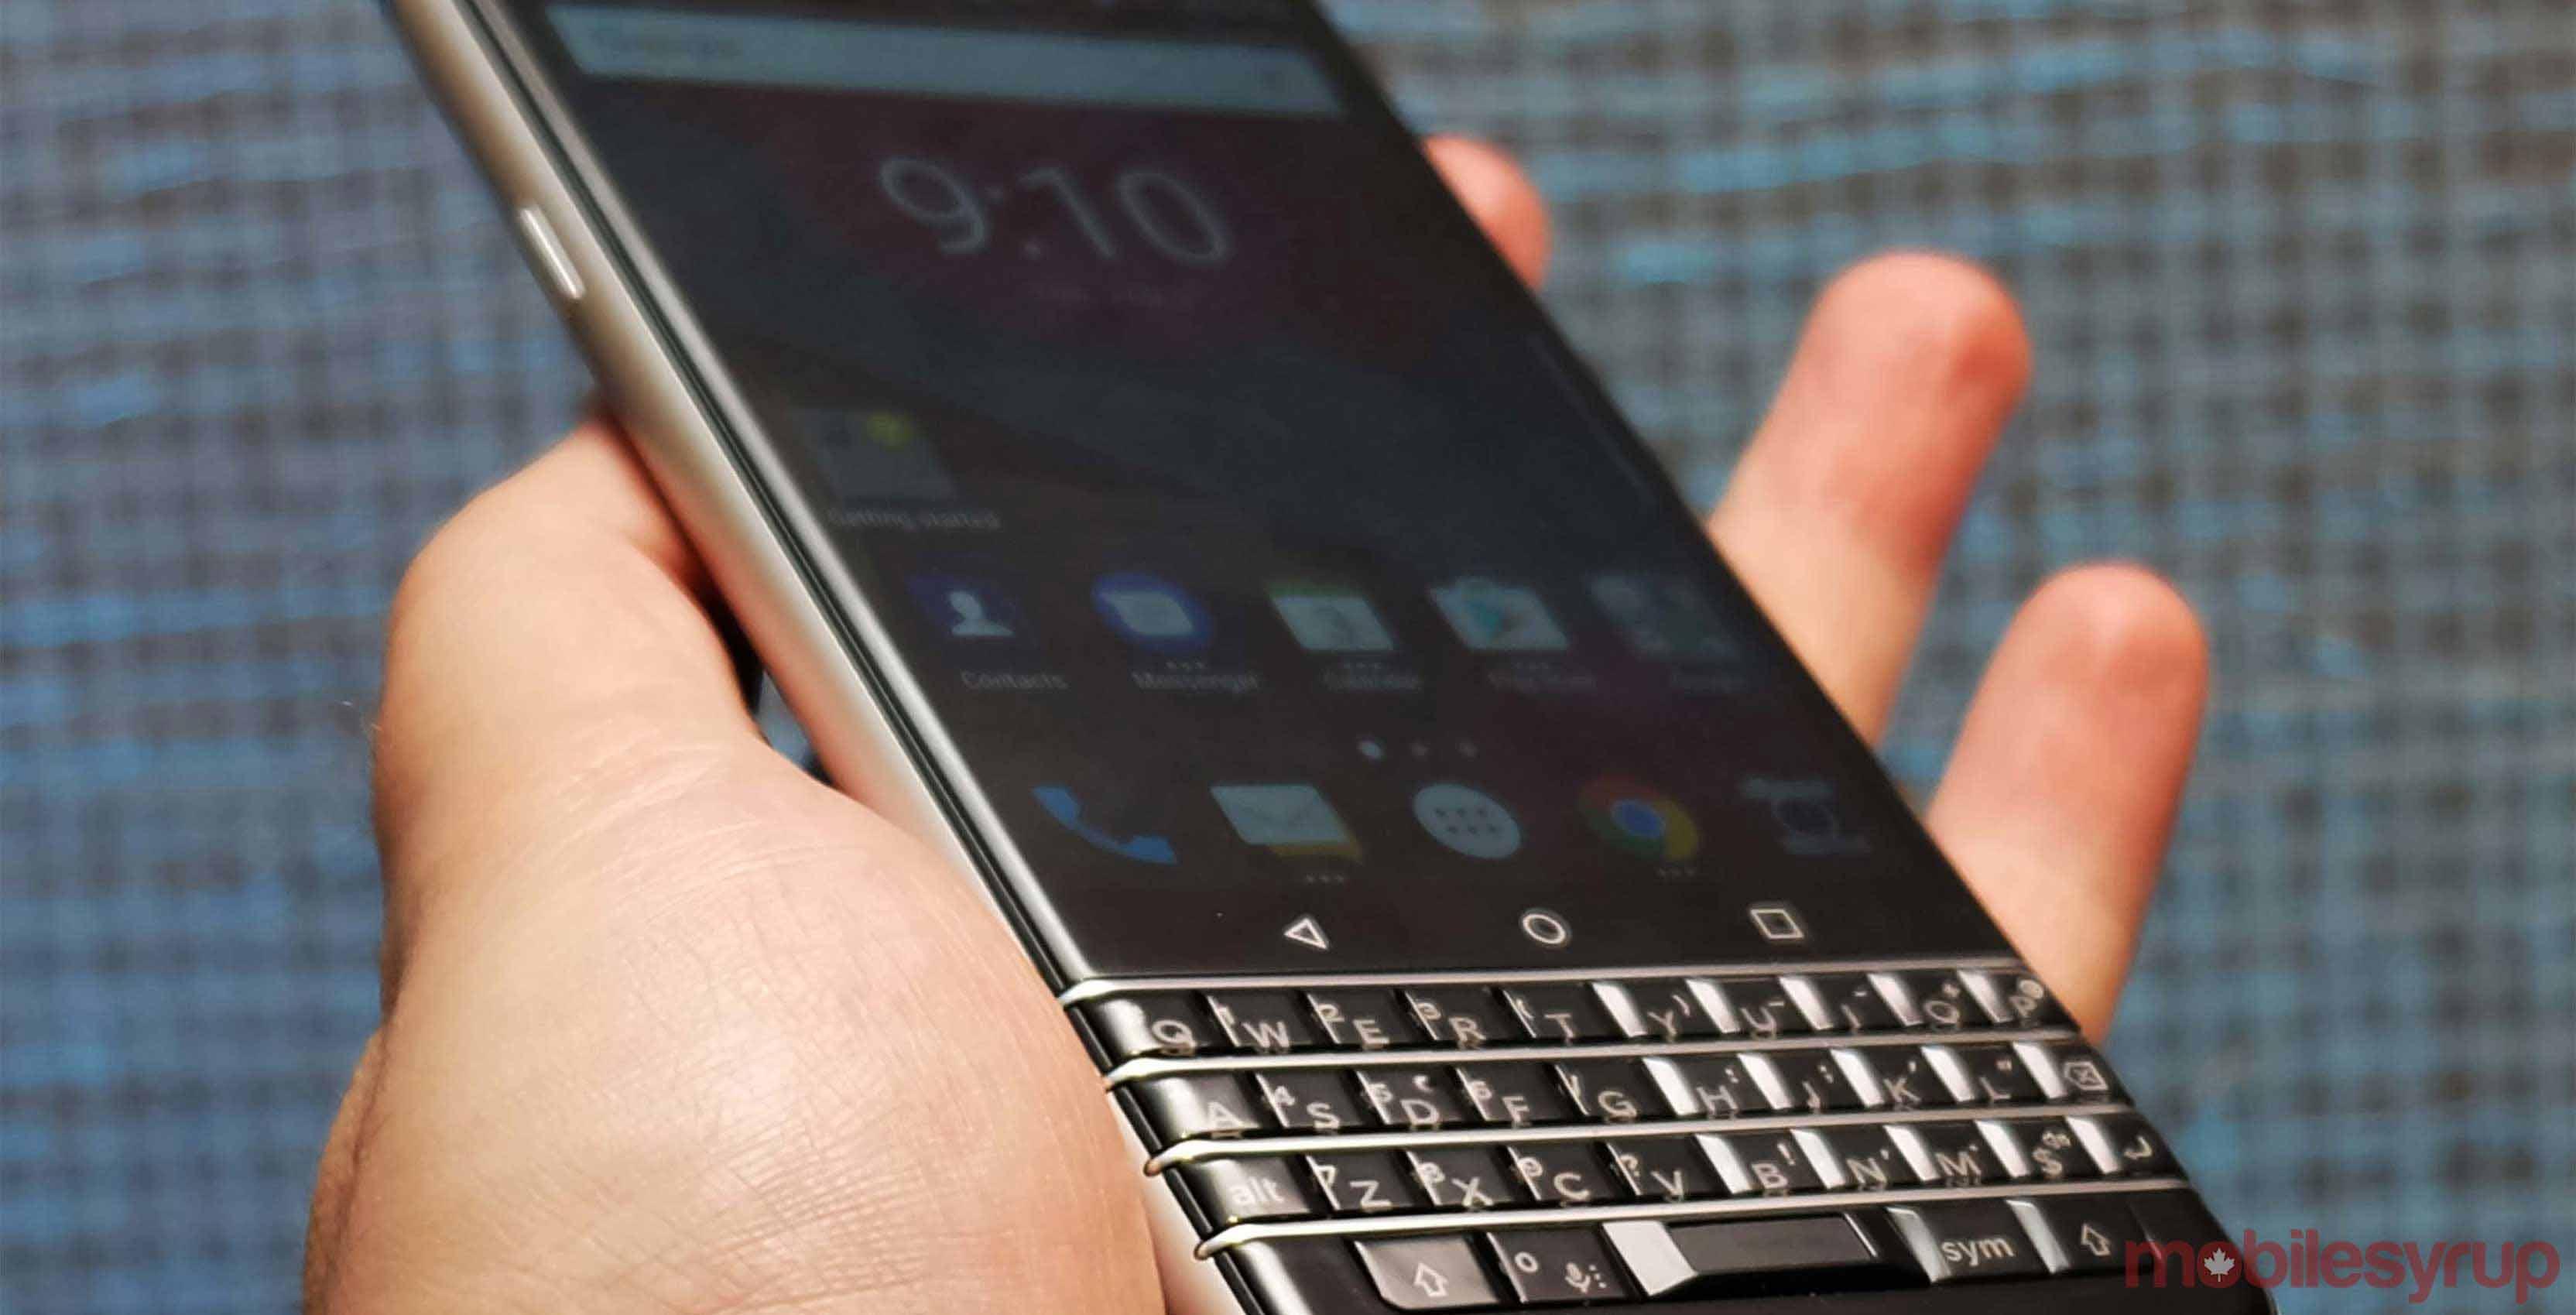 BlackBerry KEYone in hand